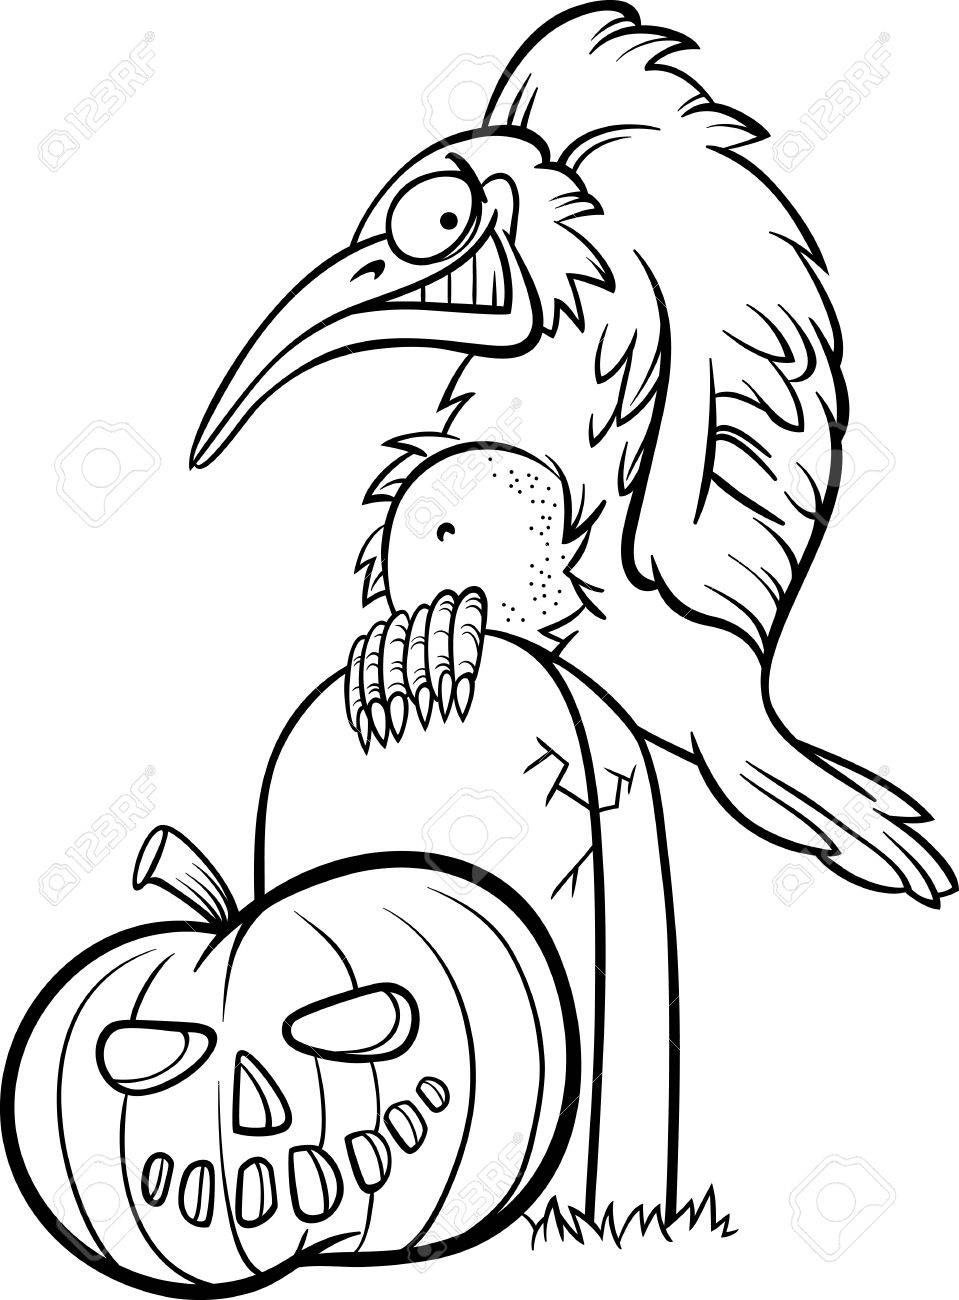 Blanco Y Negro Ilustración De Dibujos Animados De Cuervo Spooky O ...